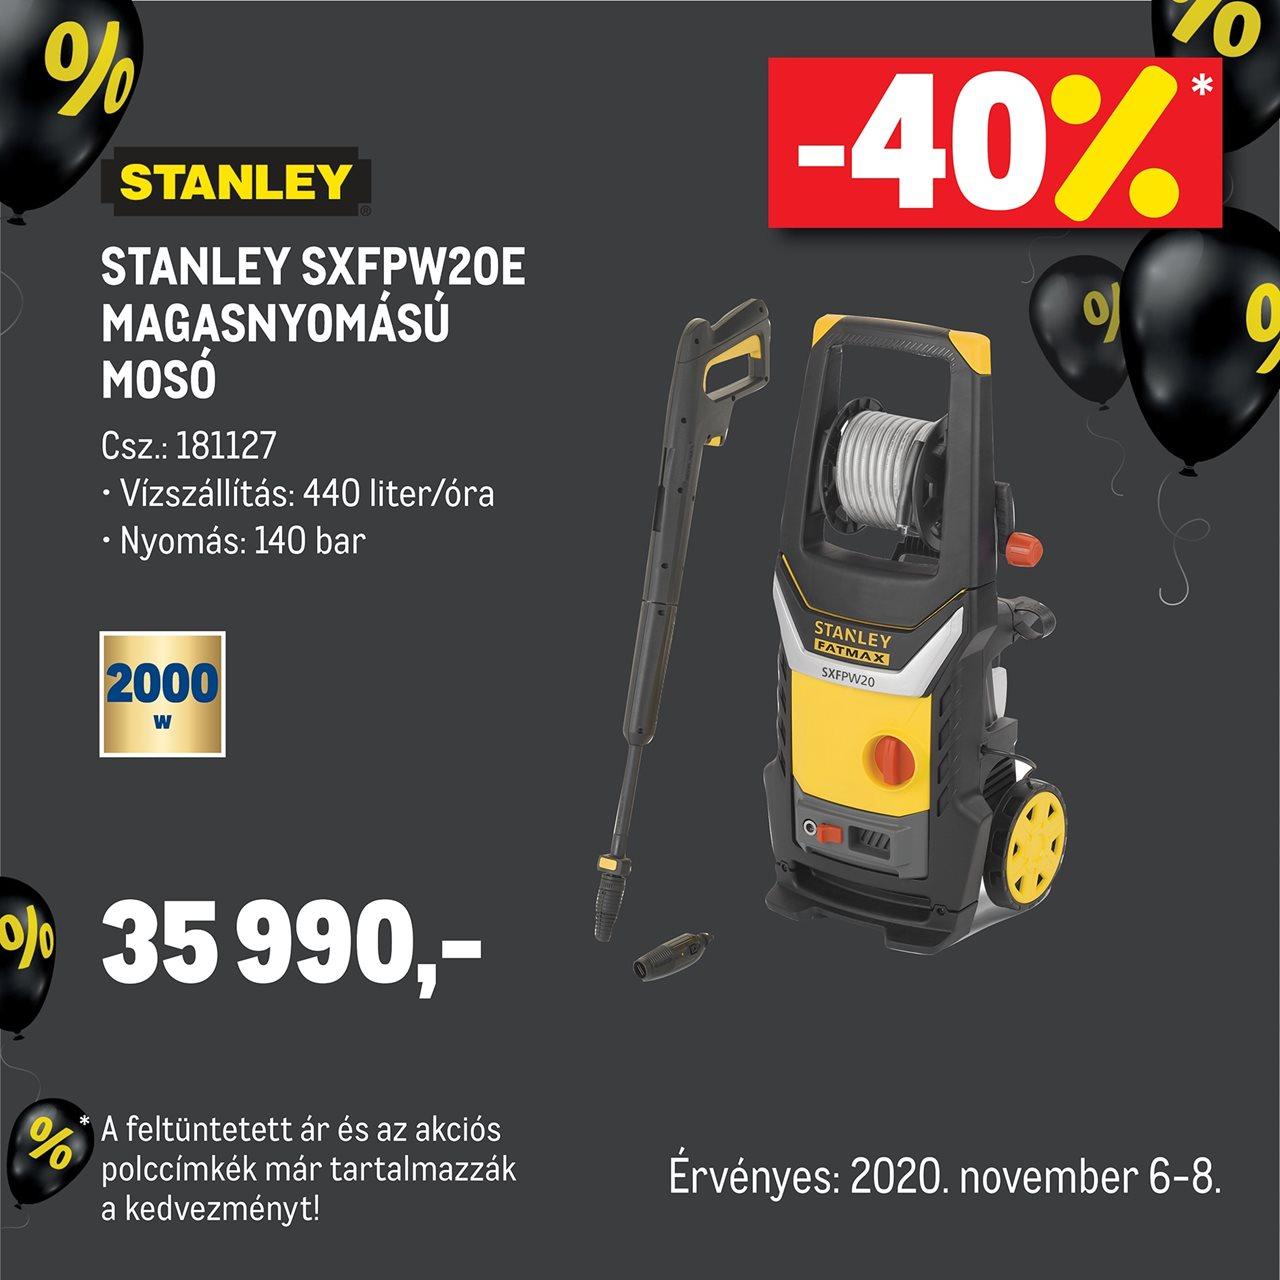 Stanley SXFPW20E magasnyomású mosó